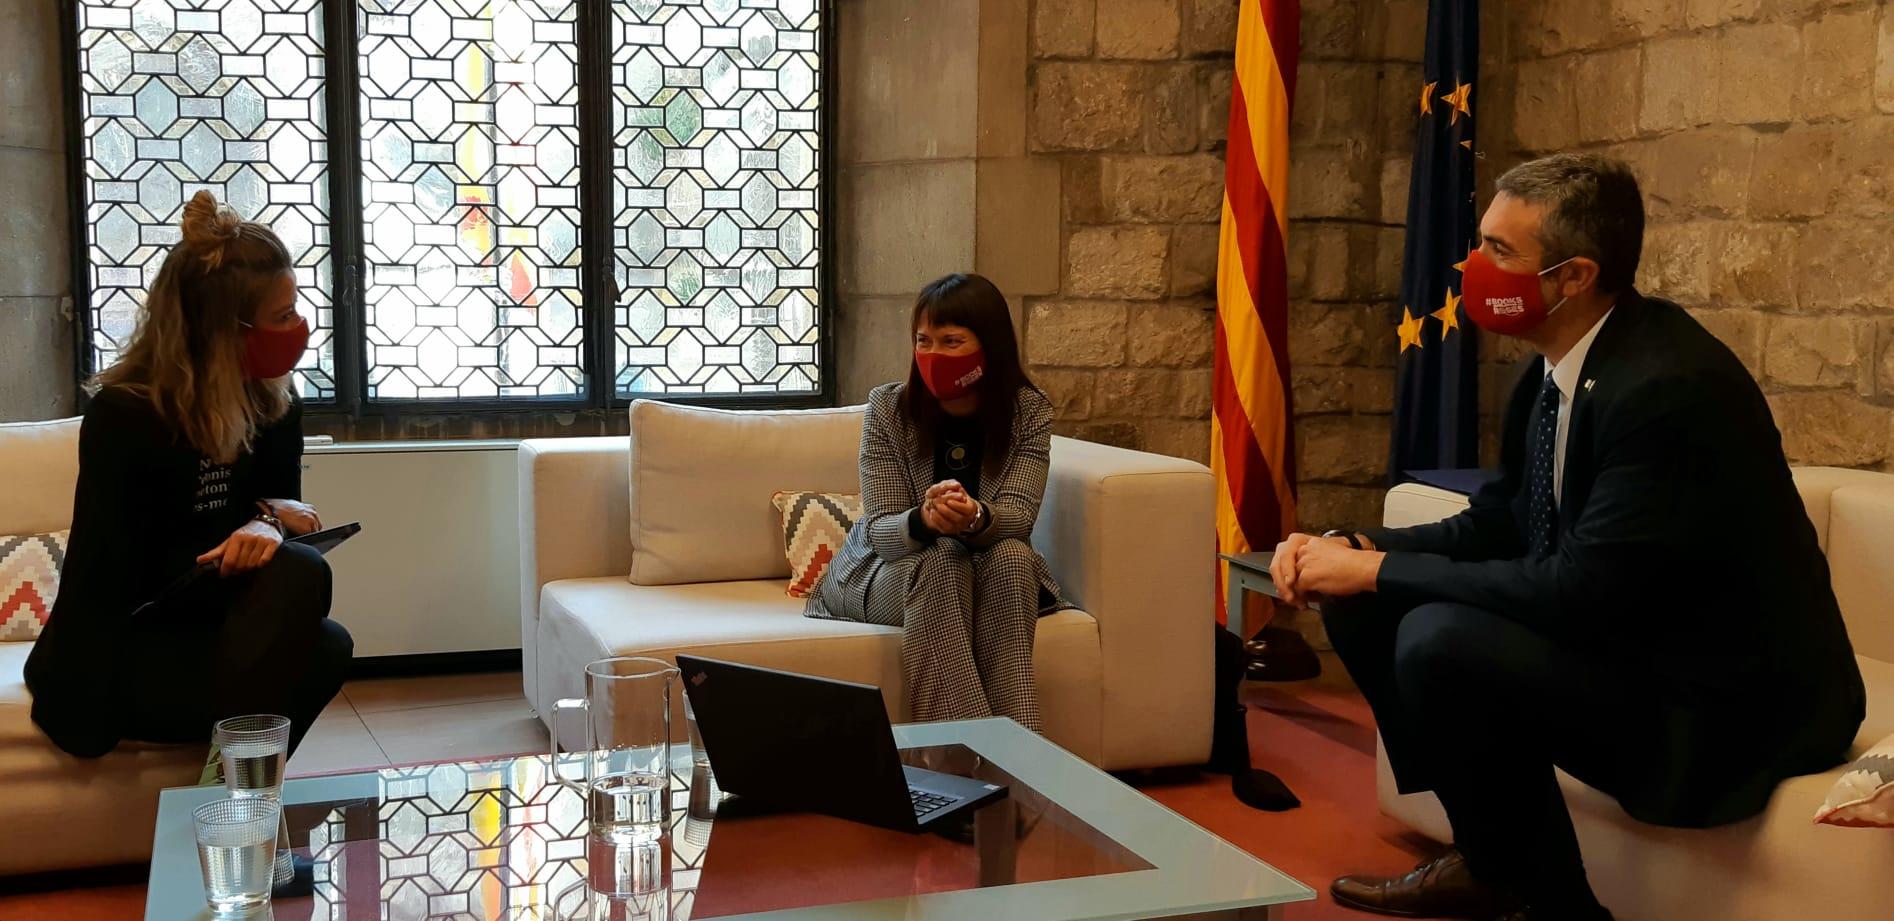 La secretària d'Acció Exterior i de la Unió Europea, Elisabet Nebreda, la secretària general de DIPLOCAT, Laura Foraster i el conseller d'Acció Exterior, Relacions Institucionals i Transparència, Bernat Solé s'han reunit aquest matí.